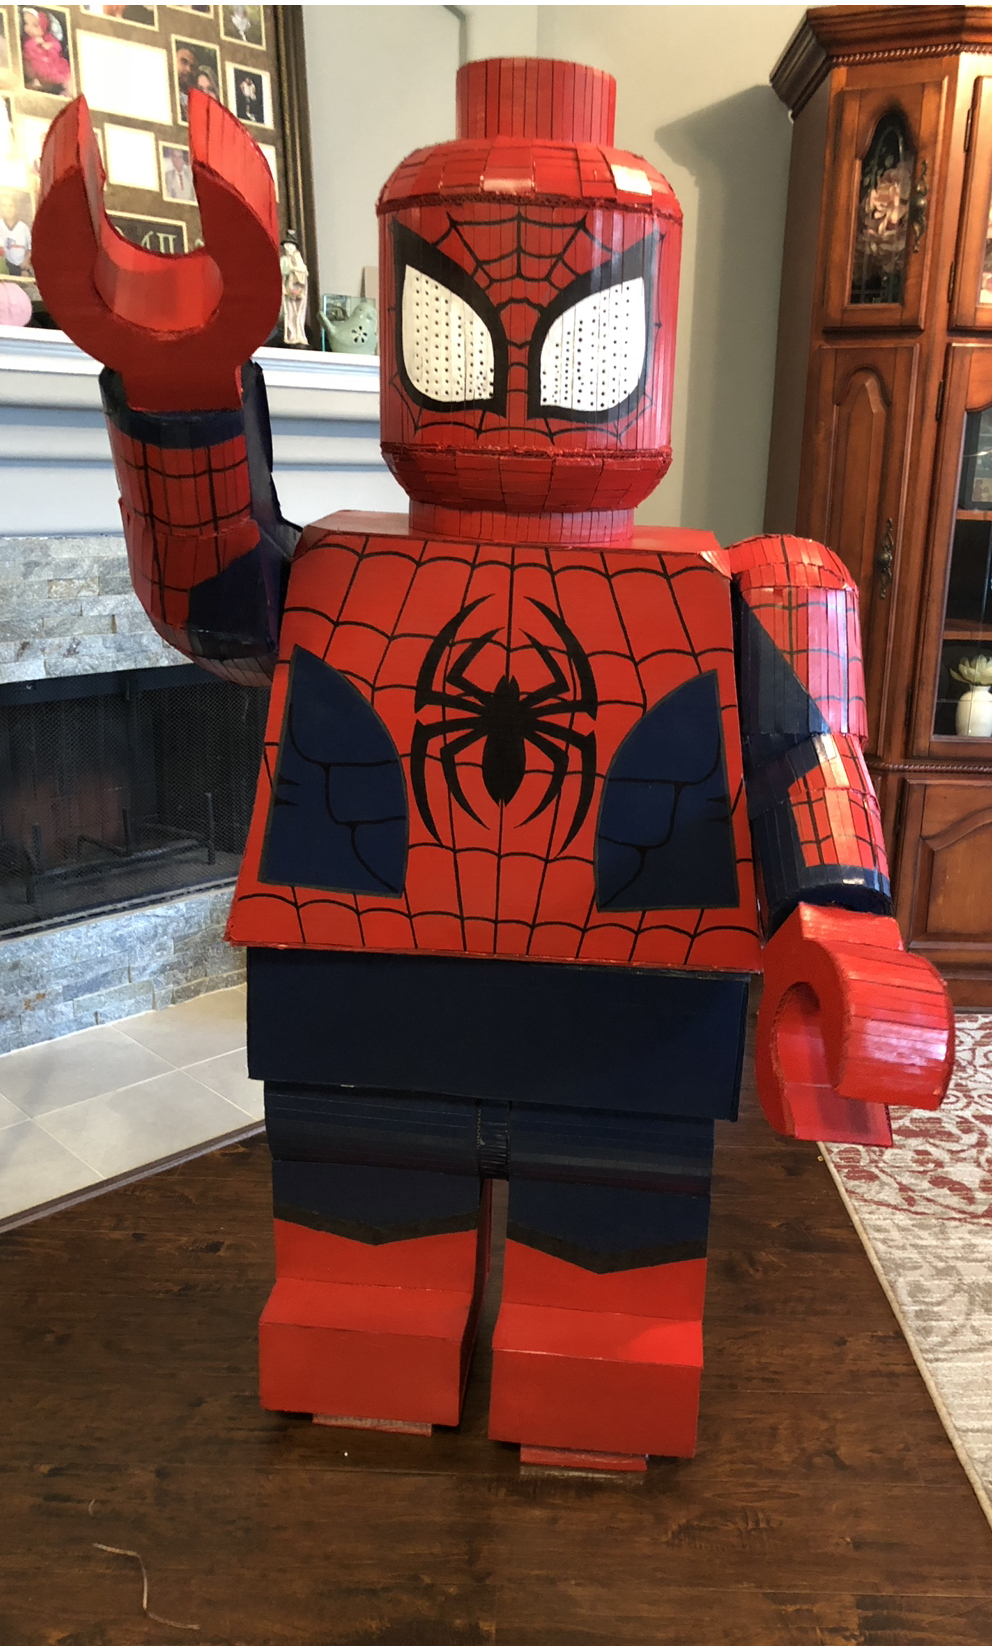 LEGO Spider-Man